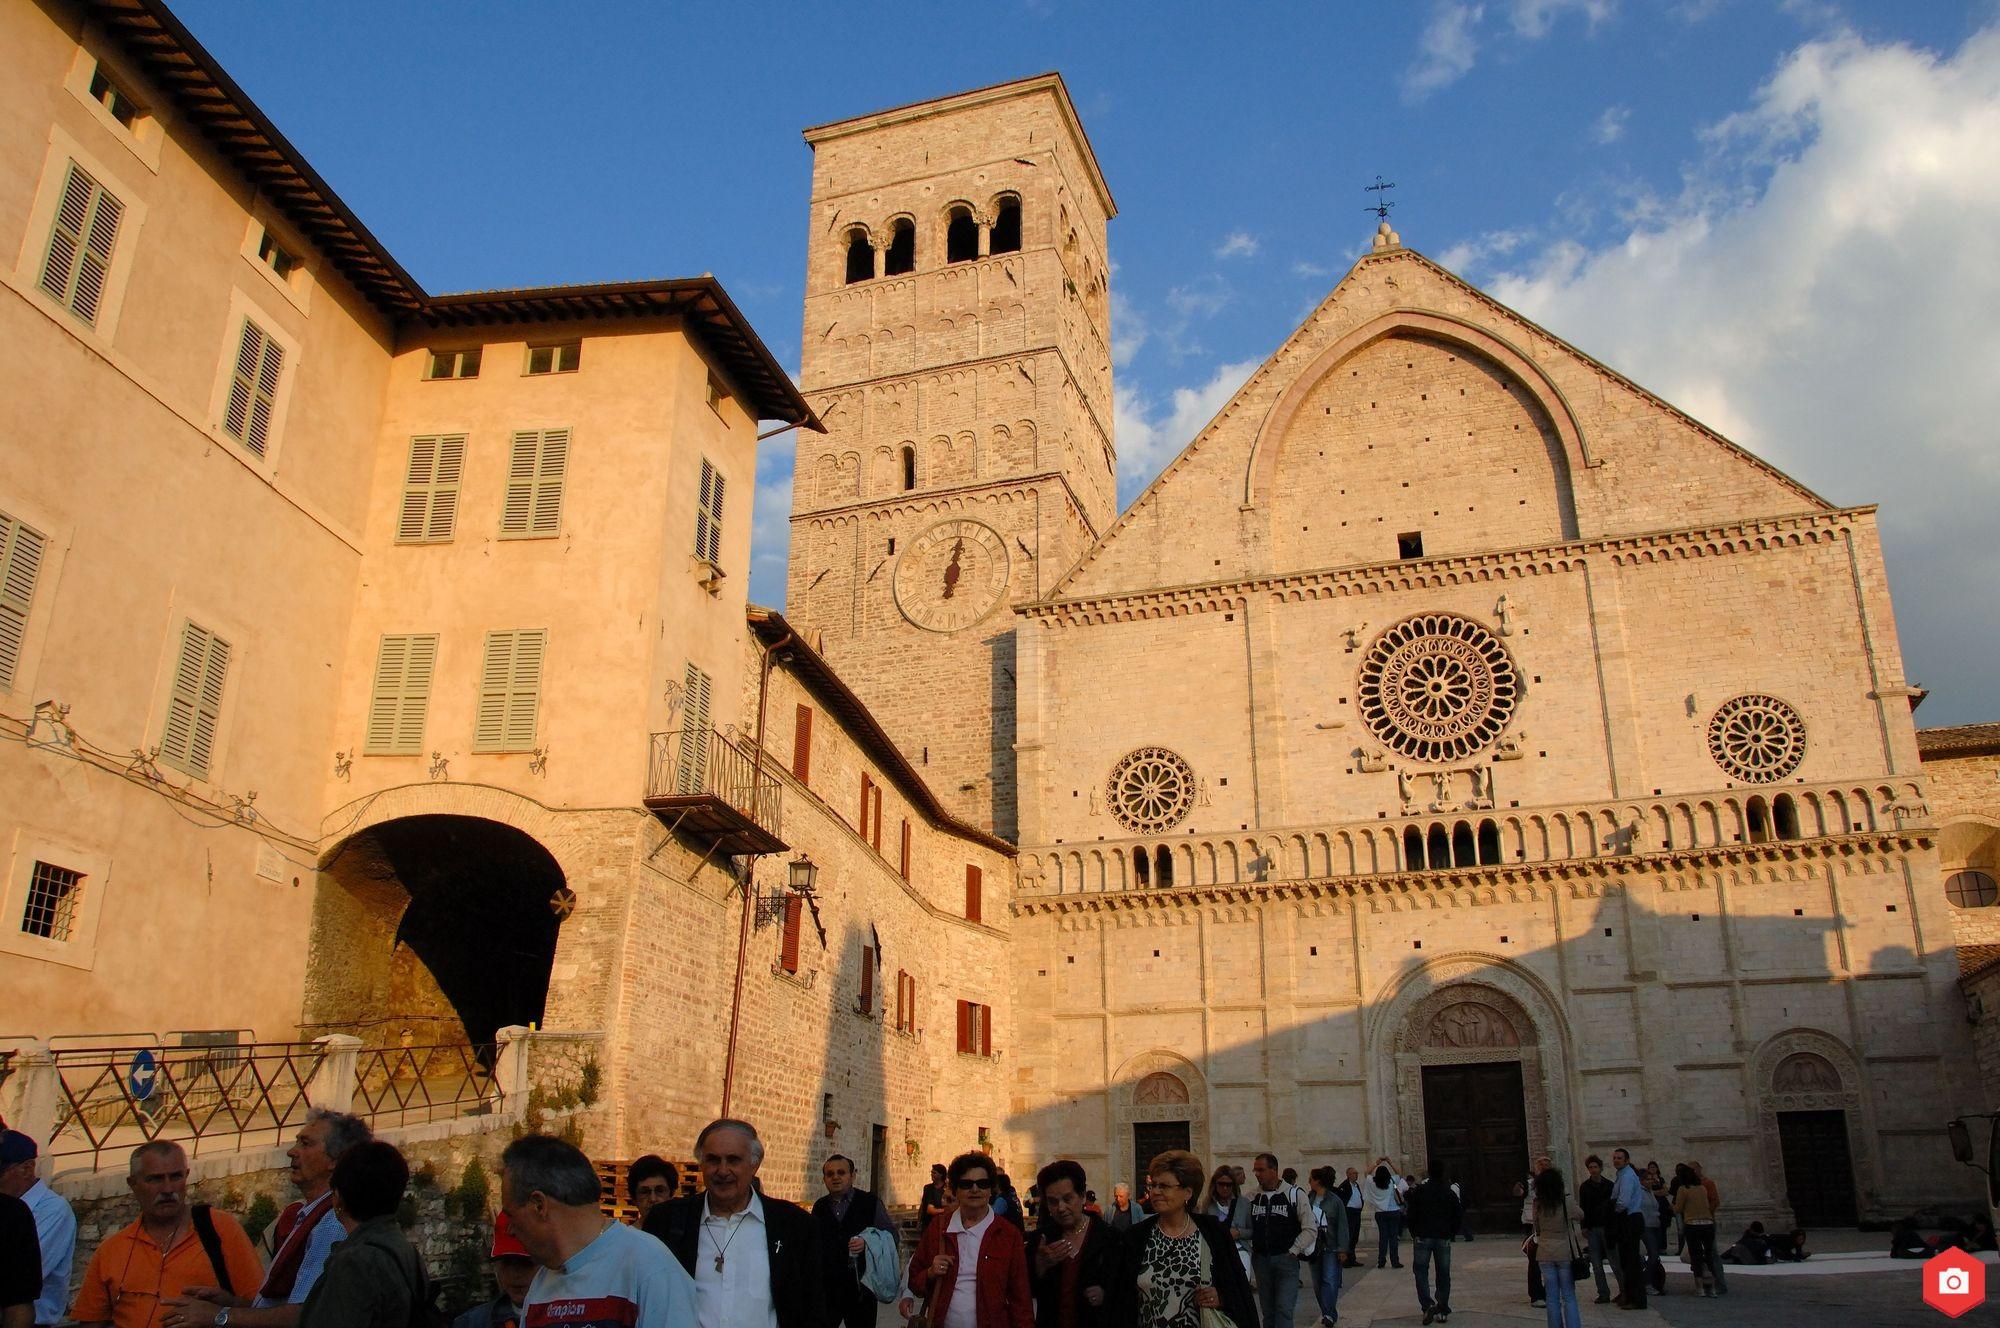 CATTEDRALE DI SAN RUFINO risultato - Assisi, Umbria